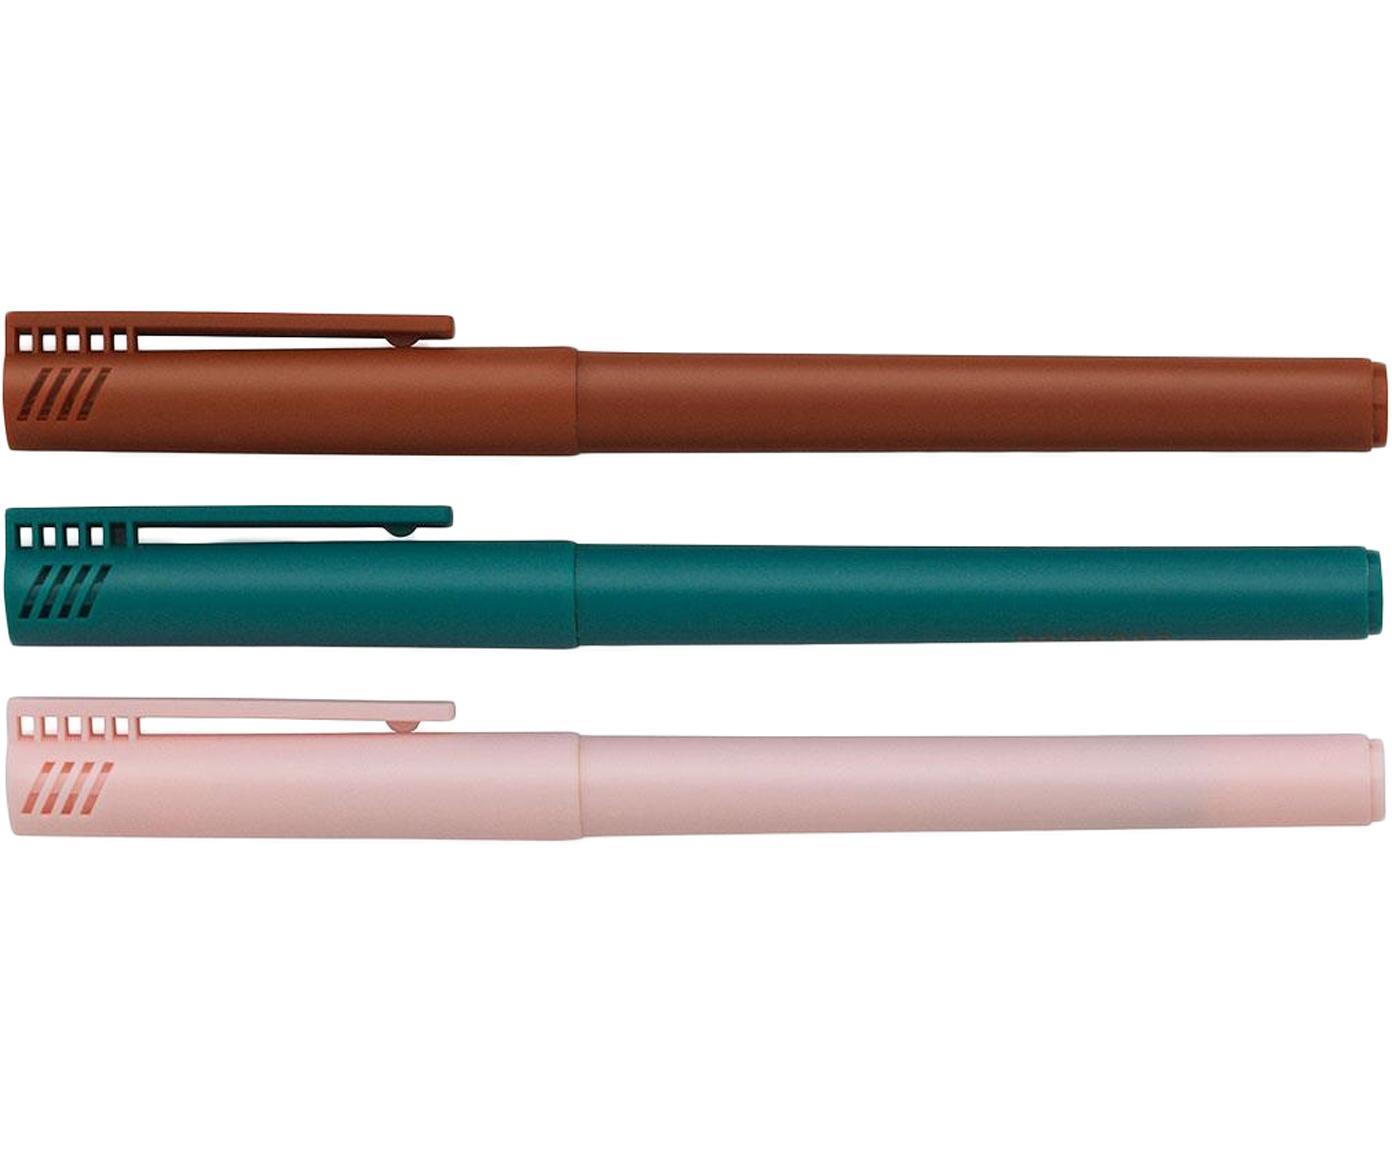 Komplet cienkopisów Mix, 3 elem., Tworzywo sztuczne, Niebieski, czerwony, blady różowy, D 14 cm